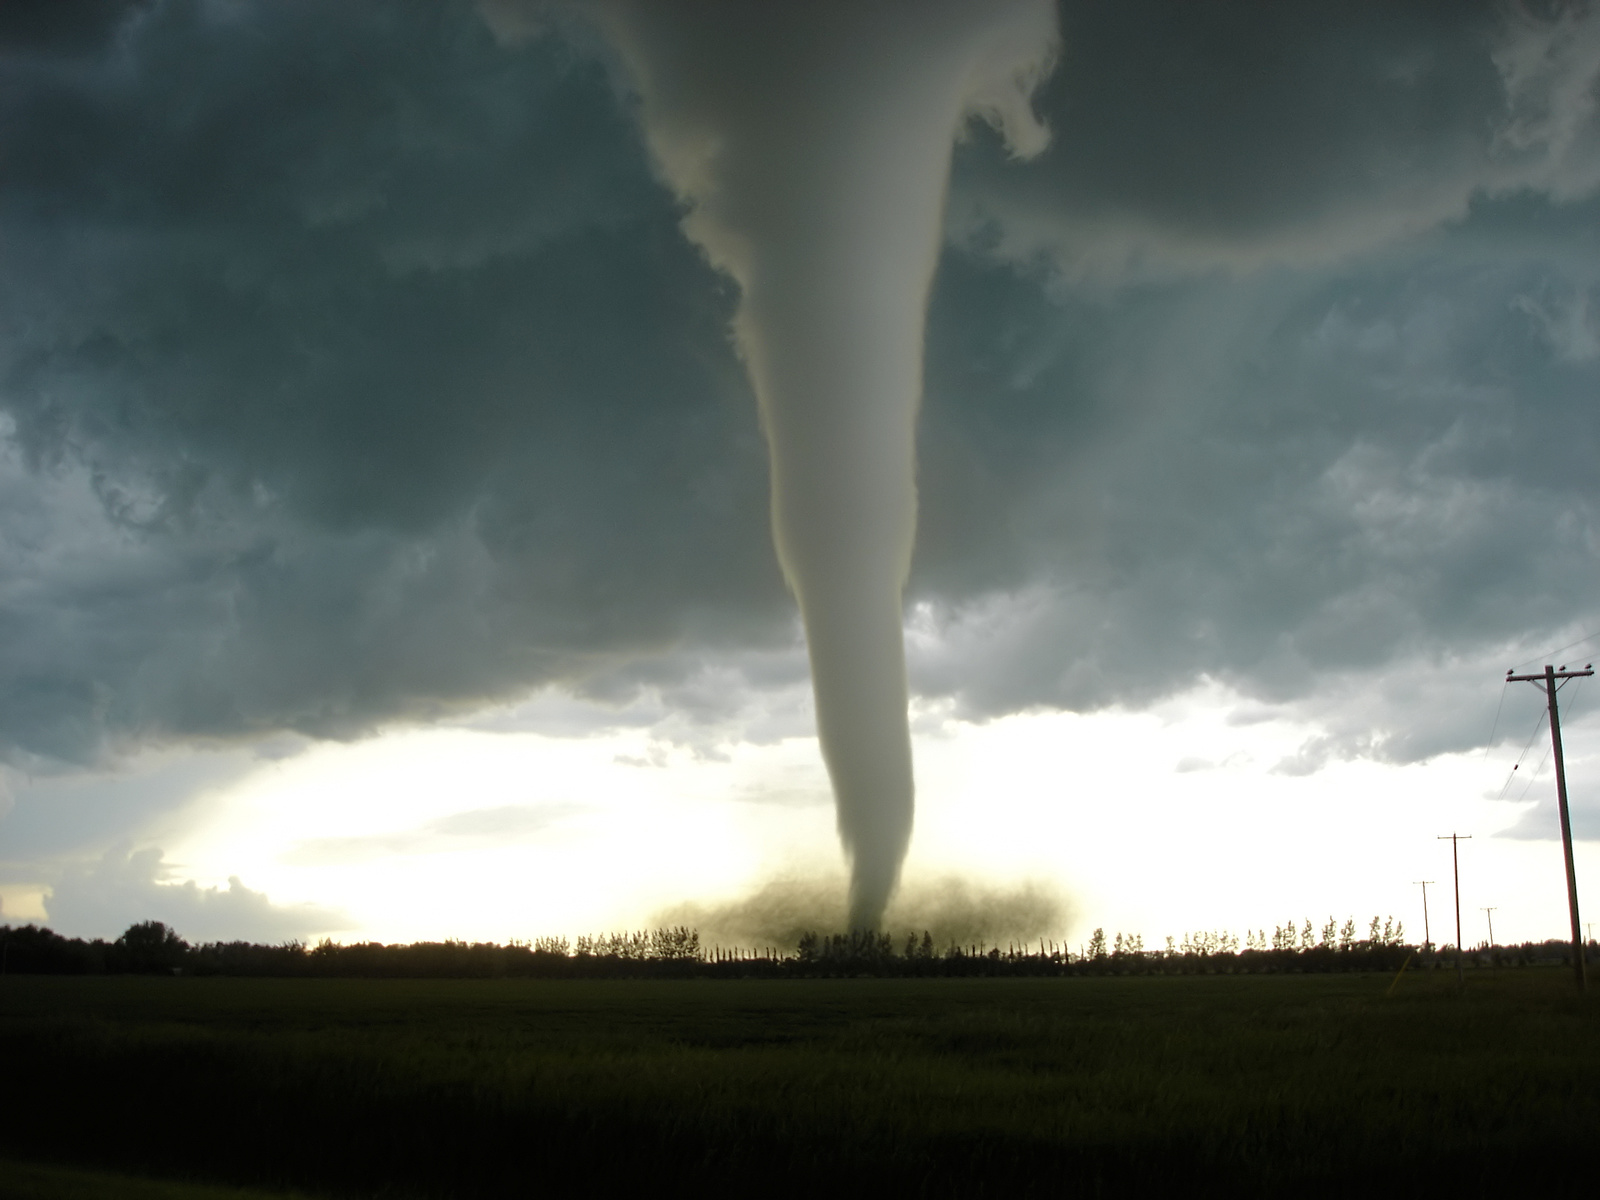 11/images/F5_tornado_Elie_Manitoba_2007.jpg